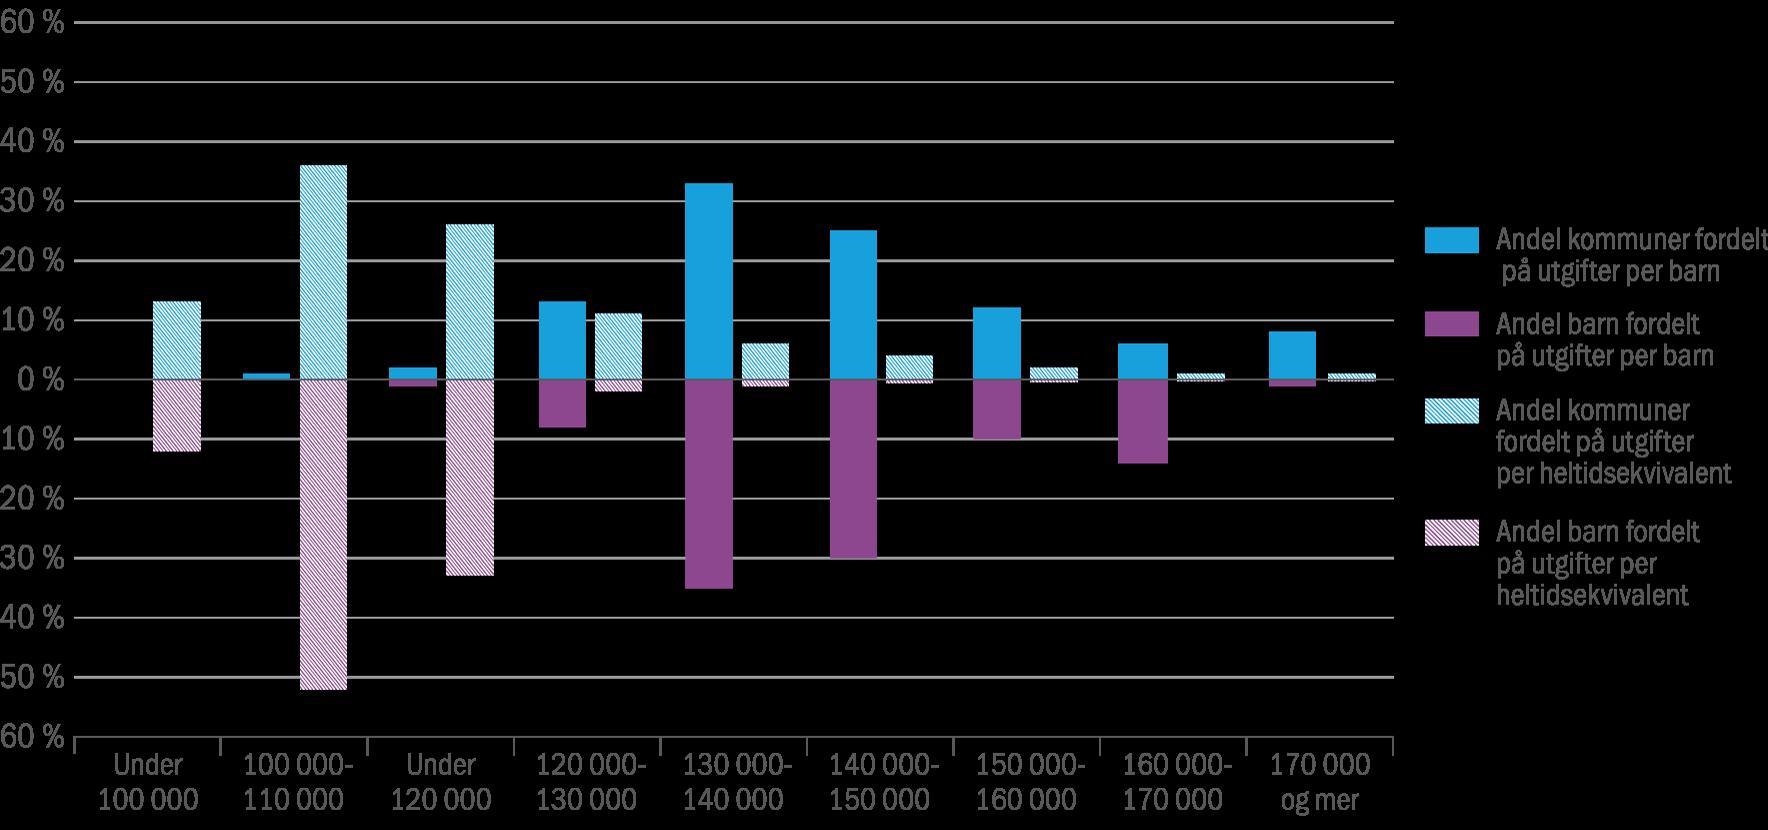 figur-4-3-kommuner-og-barnehagebarn-fordelt-pa-kommunens-driftsutgifter-per-heltidsekvivalent-2015-prosent